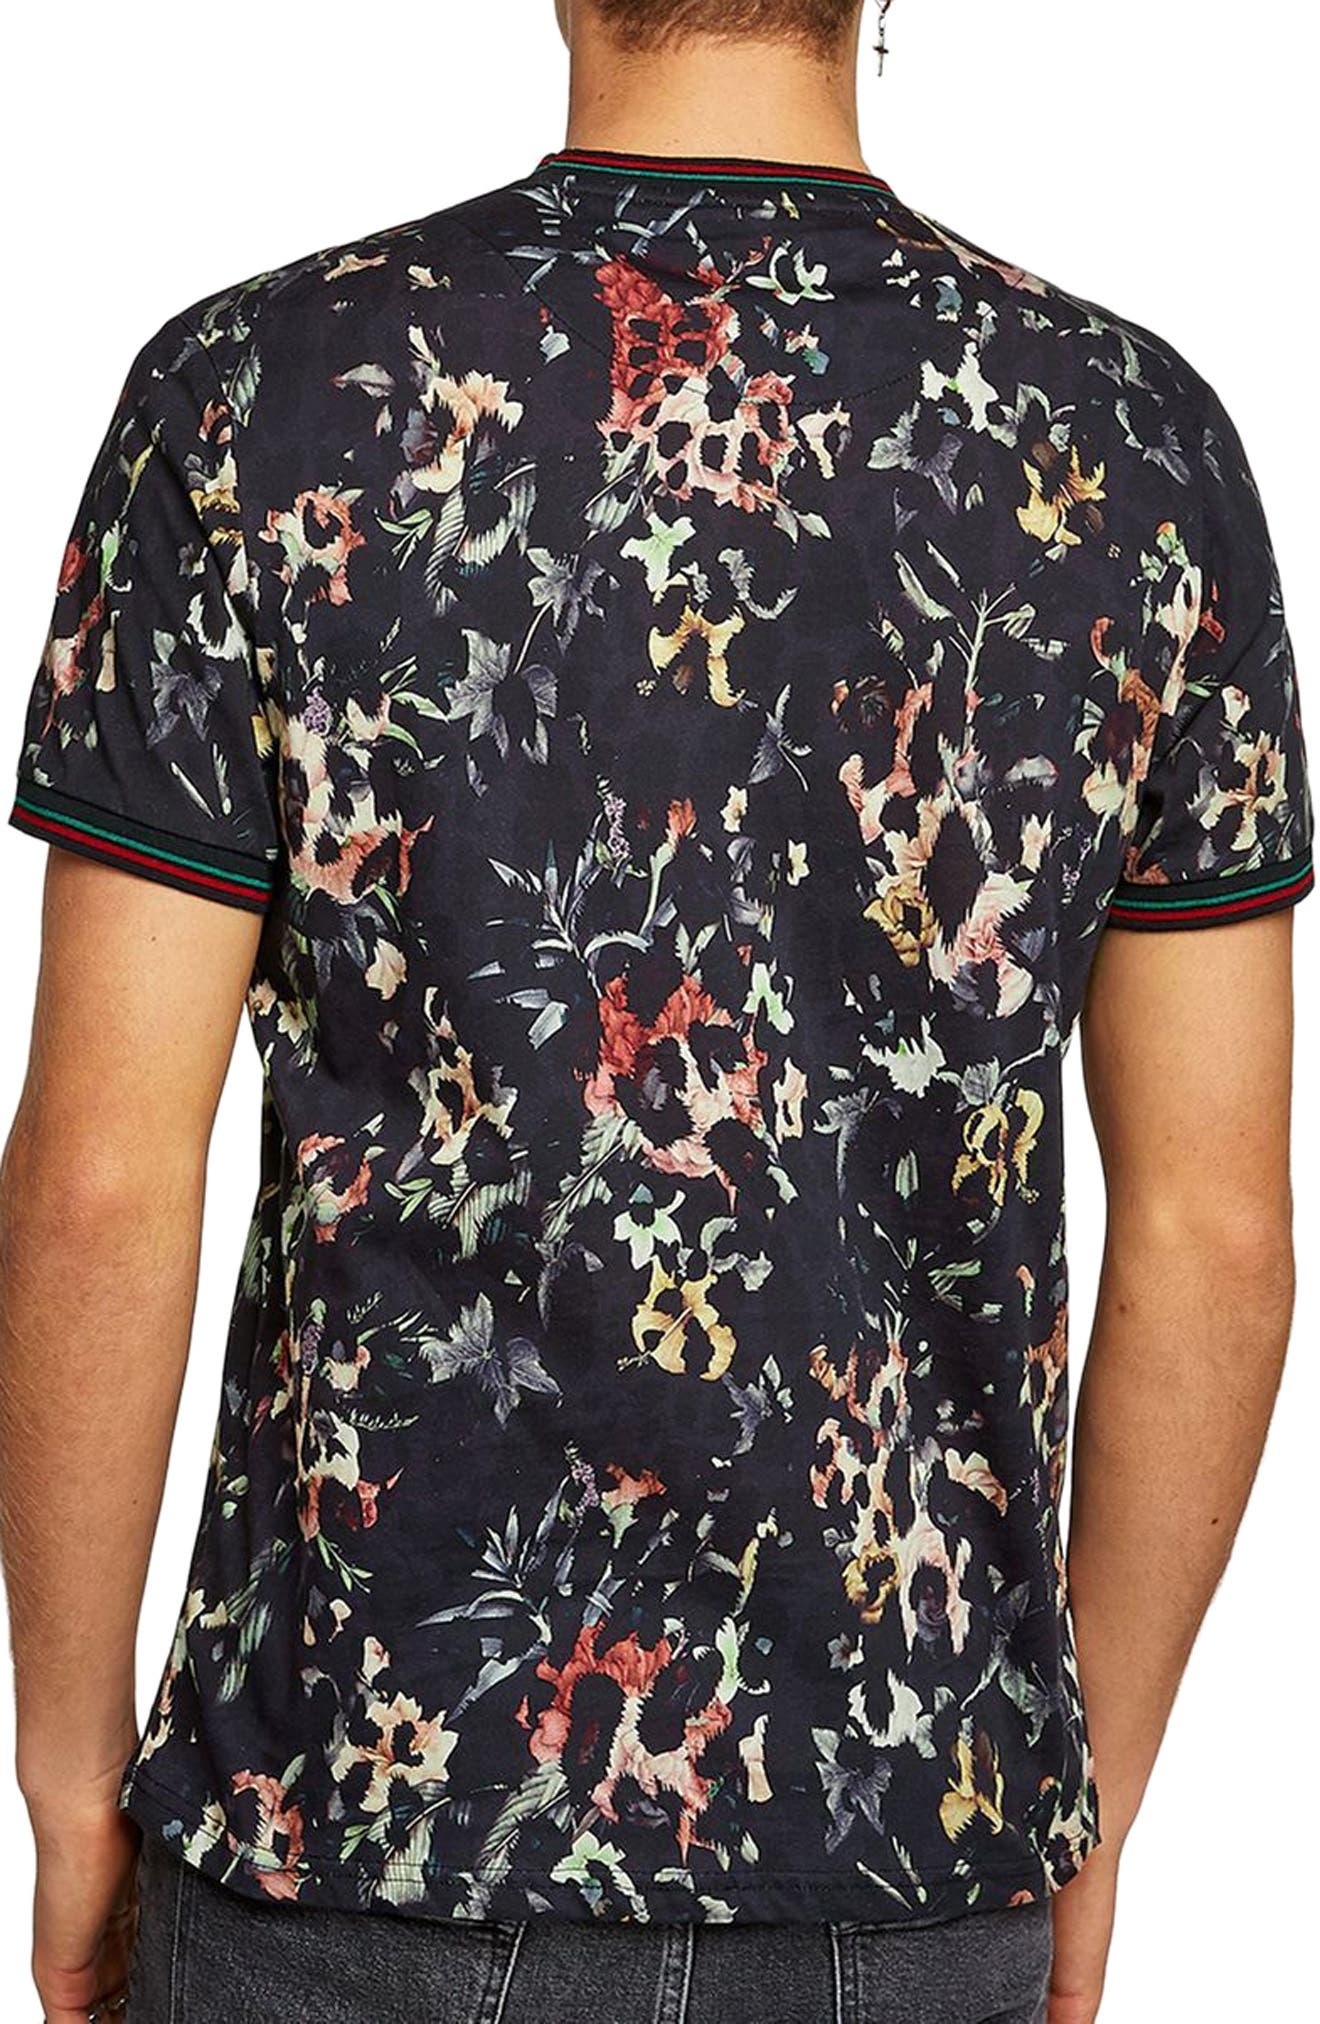 Floral Leopard Print T-Shirt,                             Alternate thumbnail 2, color,                             001